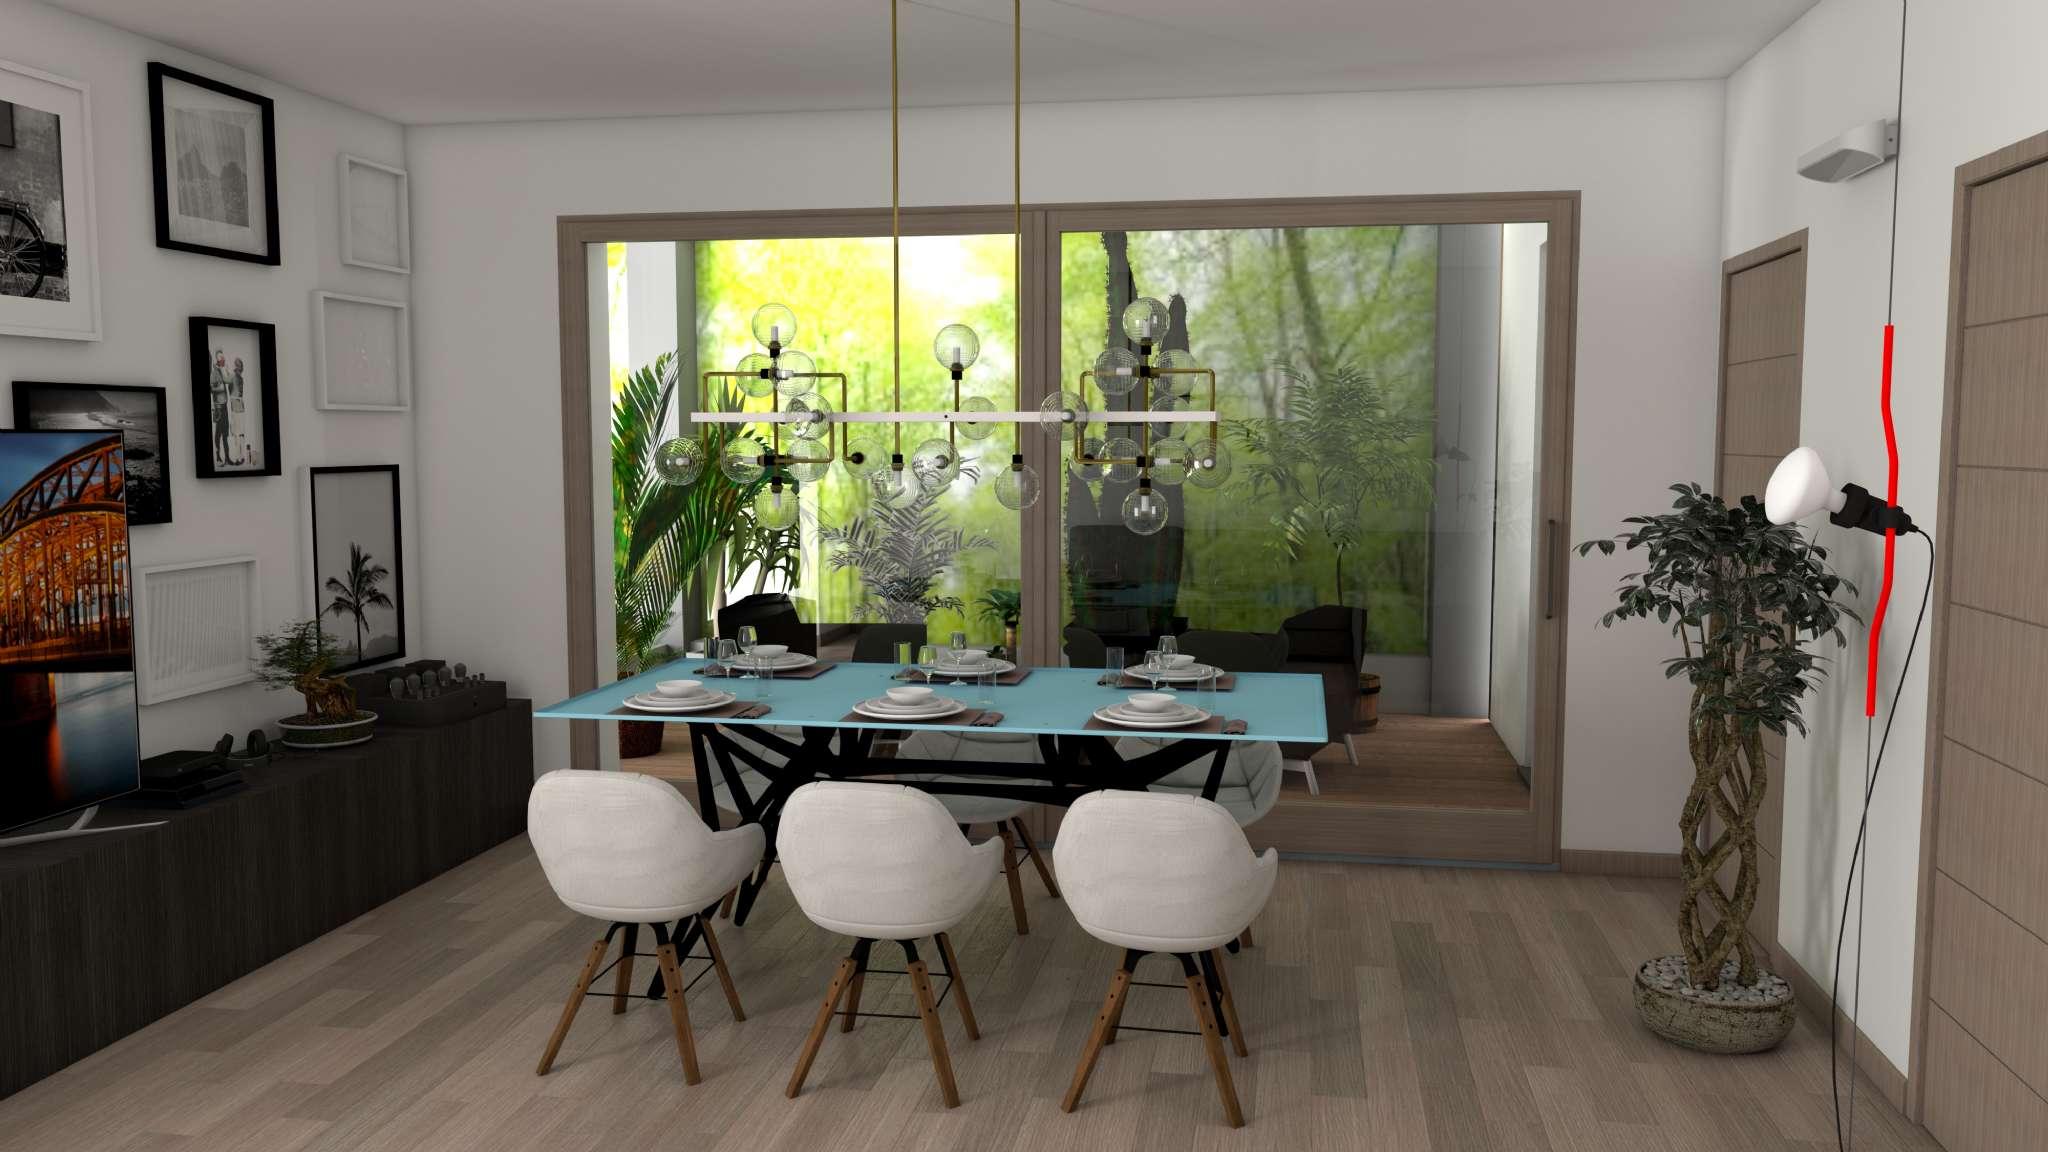 Appartamento in vendita a Muggiò, 3 locali, prezzo € 207.500 | PortaleAgenzieImmobiliari.it